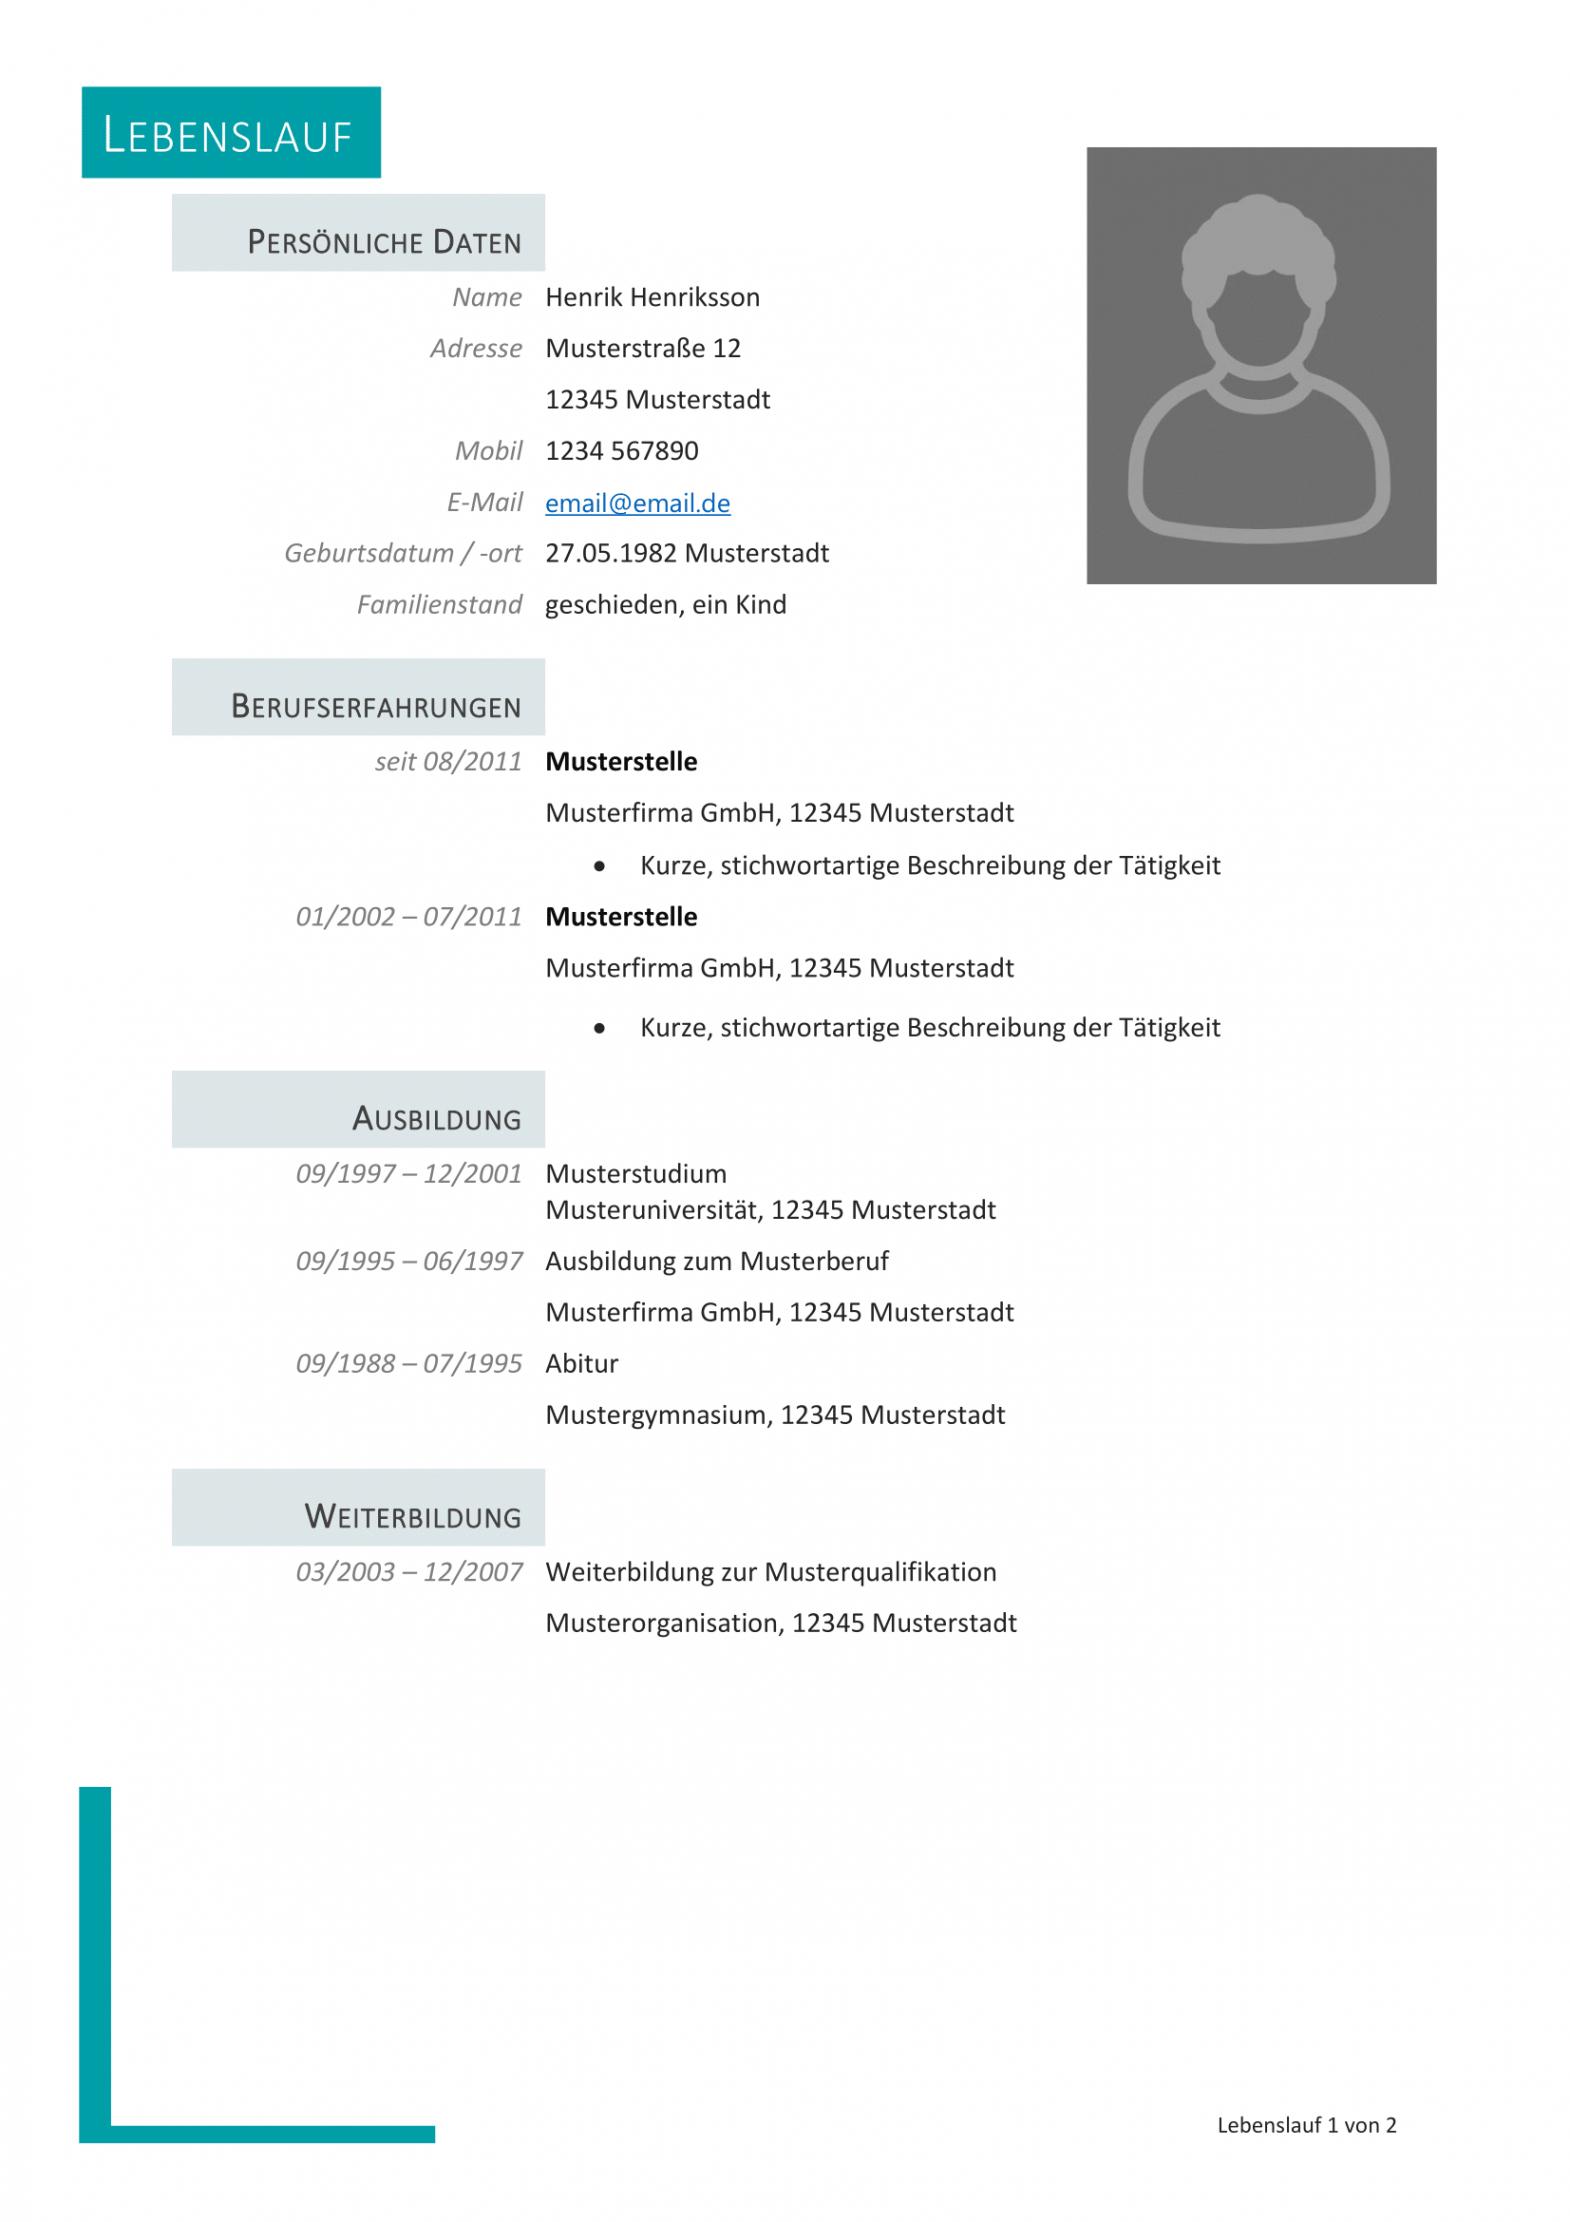 Eine Probe von Kostenlose Lebenslauf Muster Und Vorlagen Für Deine Bewerbung 2018 Lebenslauf Vorlage Lebenslauf